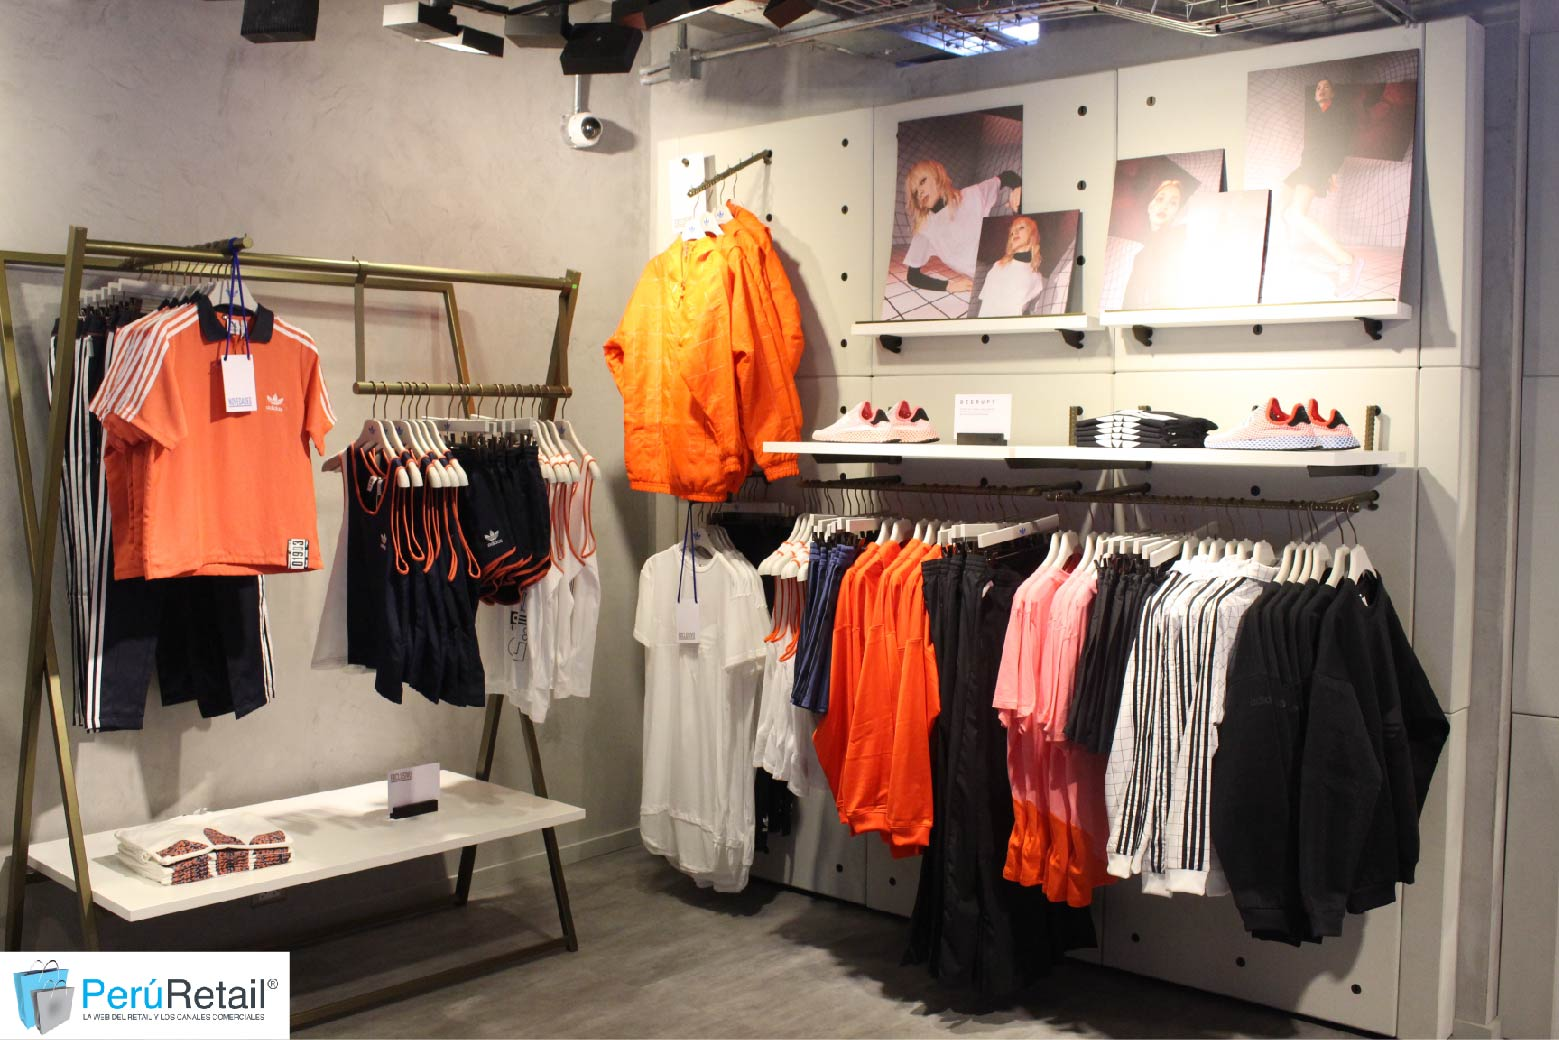 Adidas Originals 17 - Conozca por dentro la tienda Adidas Originals más grande del Perú